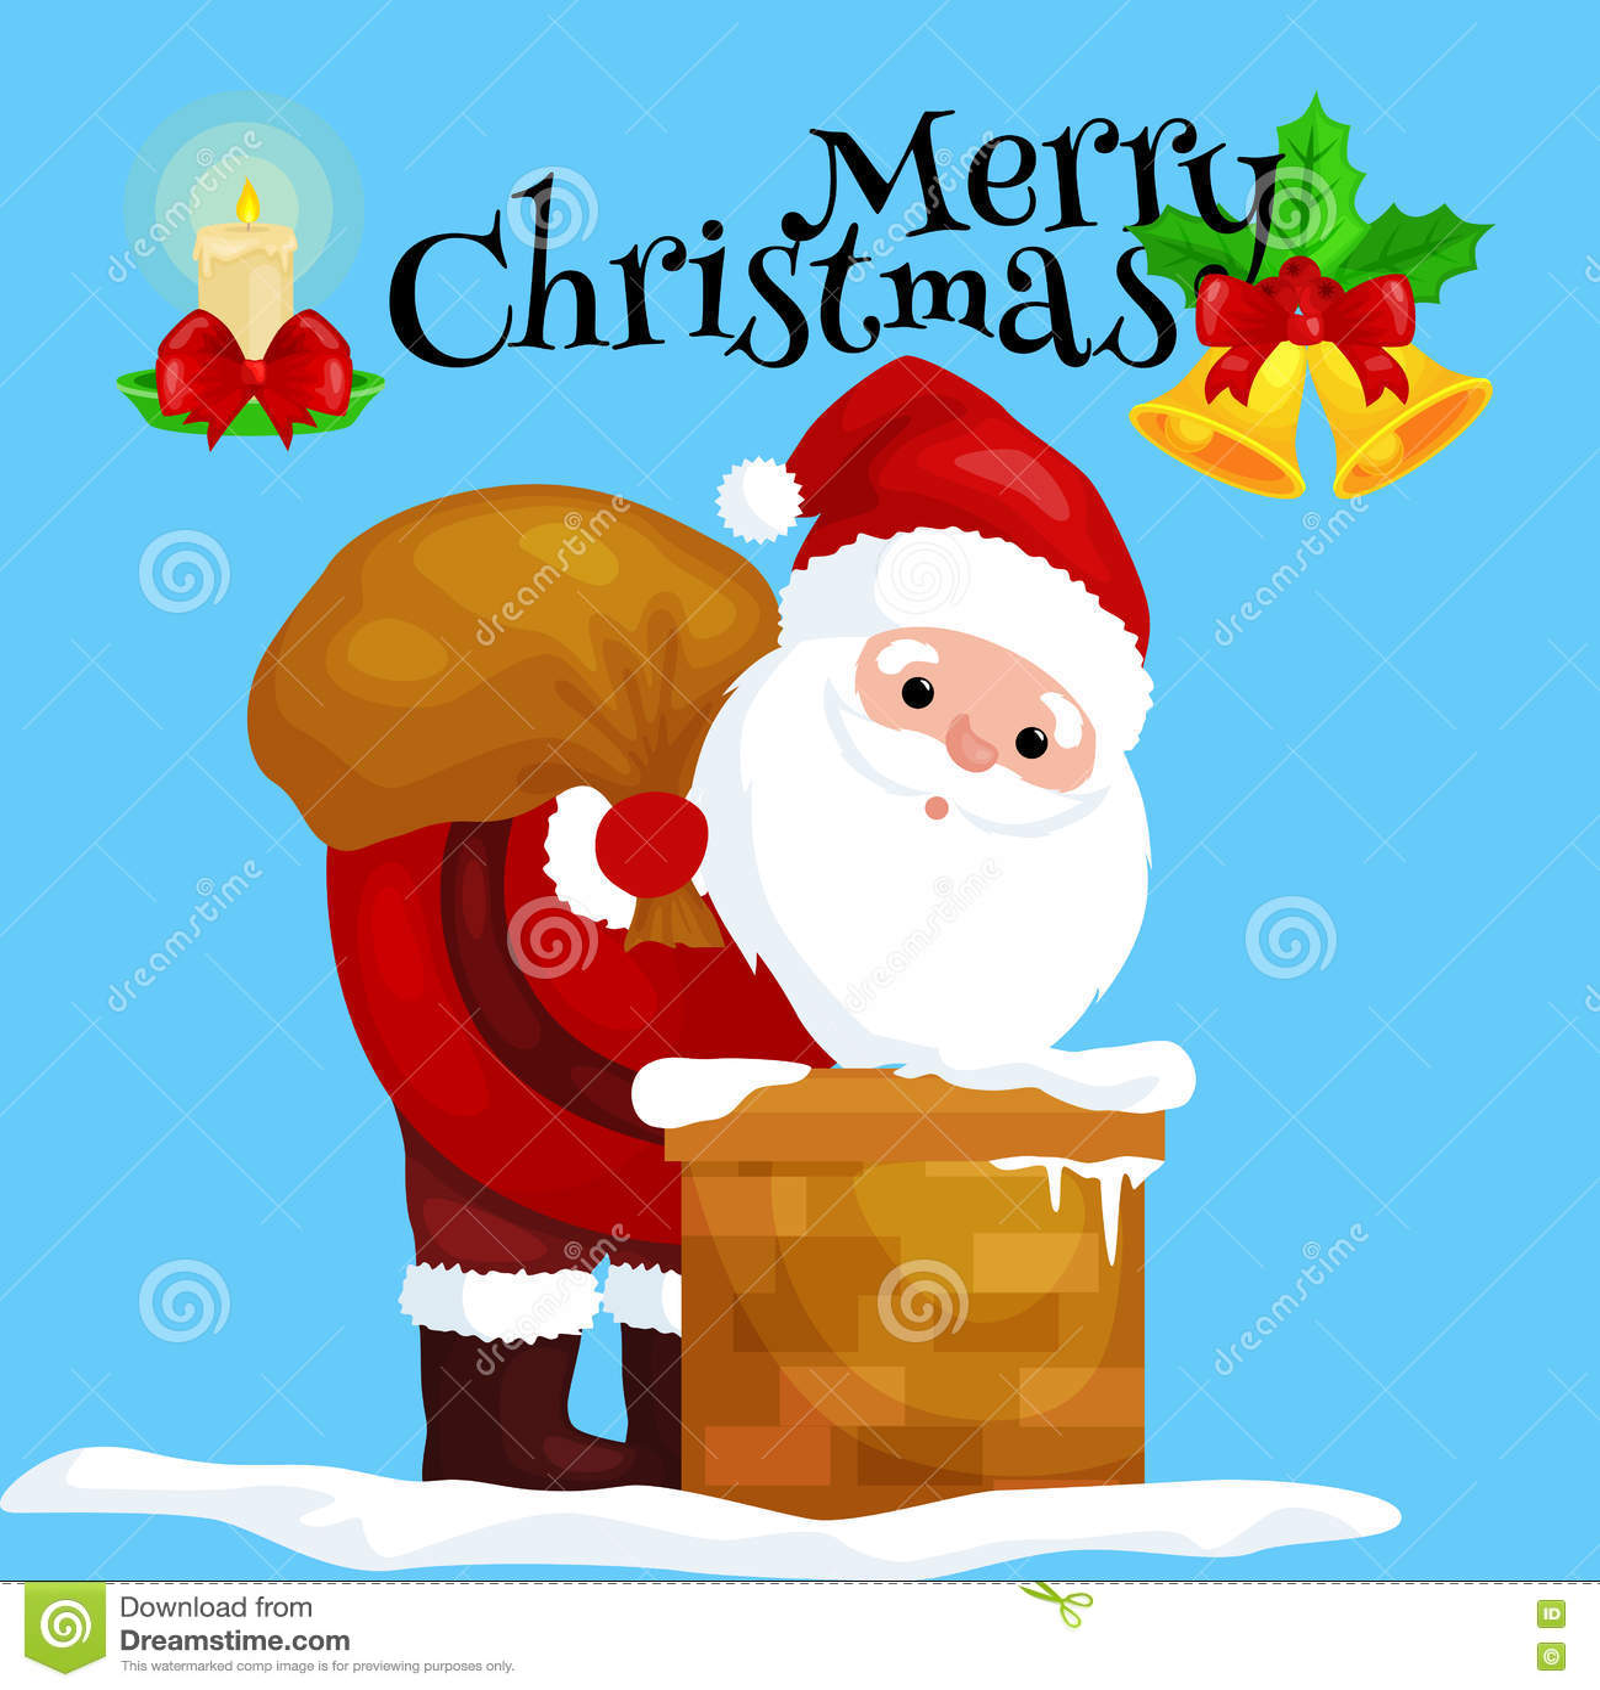 La Navidad Santa Claus en traje rojo con el bolso lleno de regalos en las subidas de la chimenea que darían presentes el Nochebue